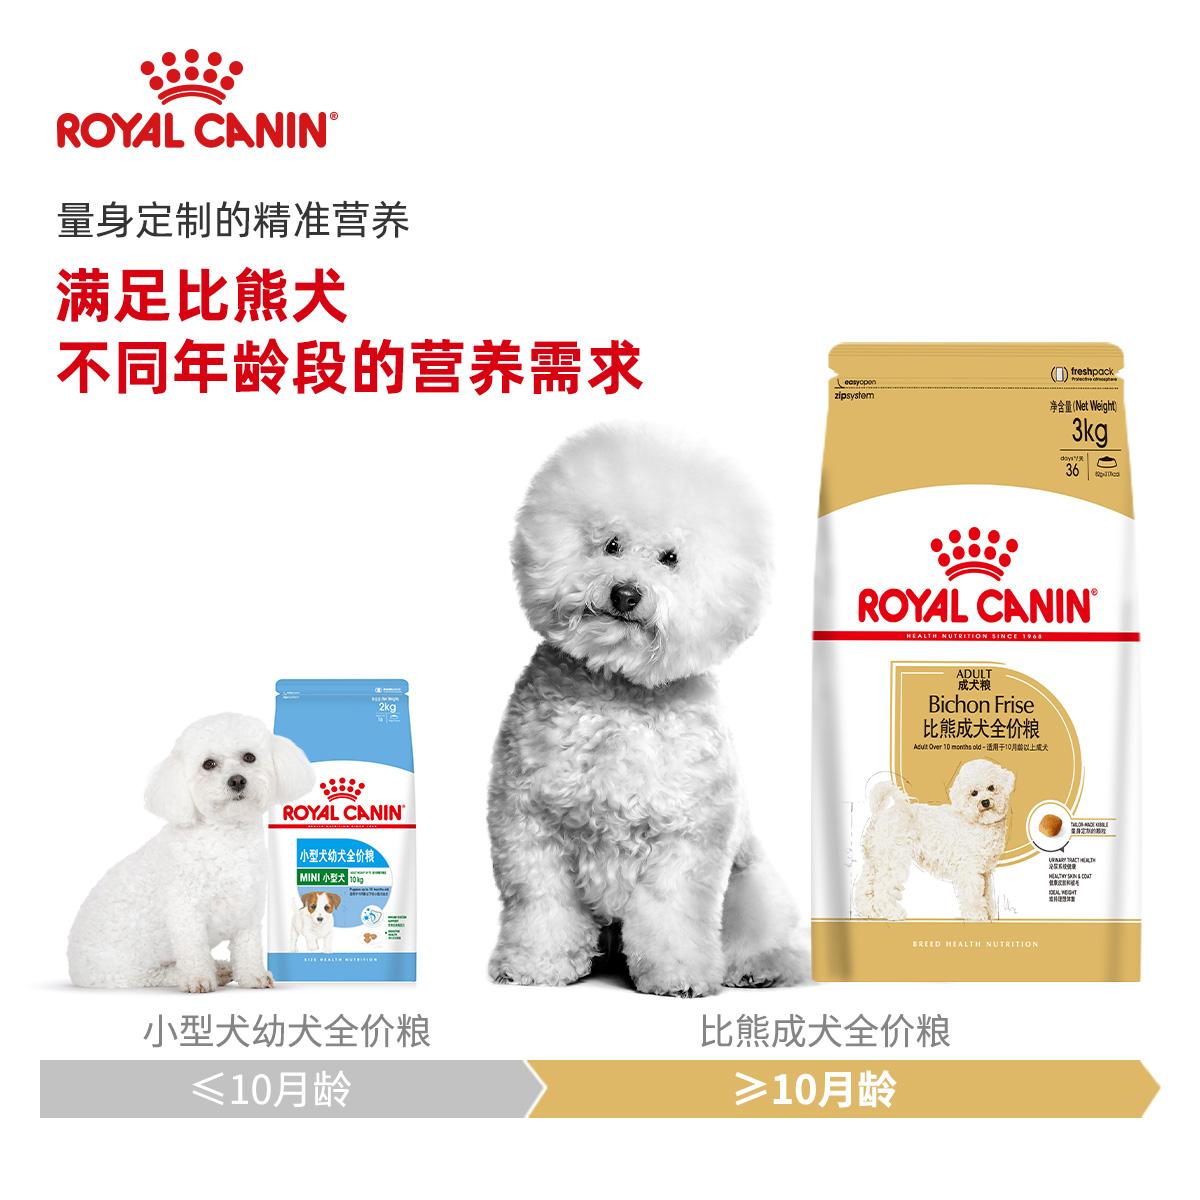 波奇法国皇家狗粮BF29比熊专用成犬粮3kg狗<a href=